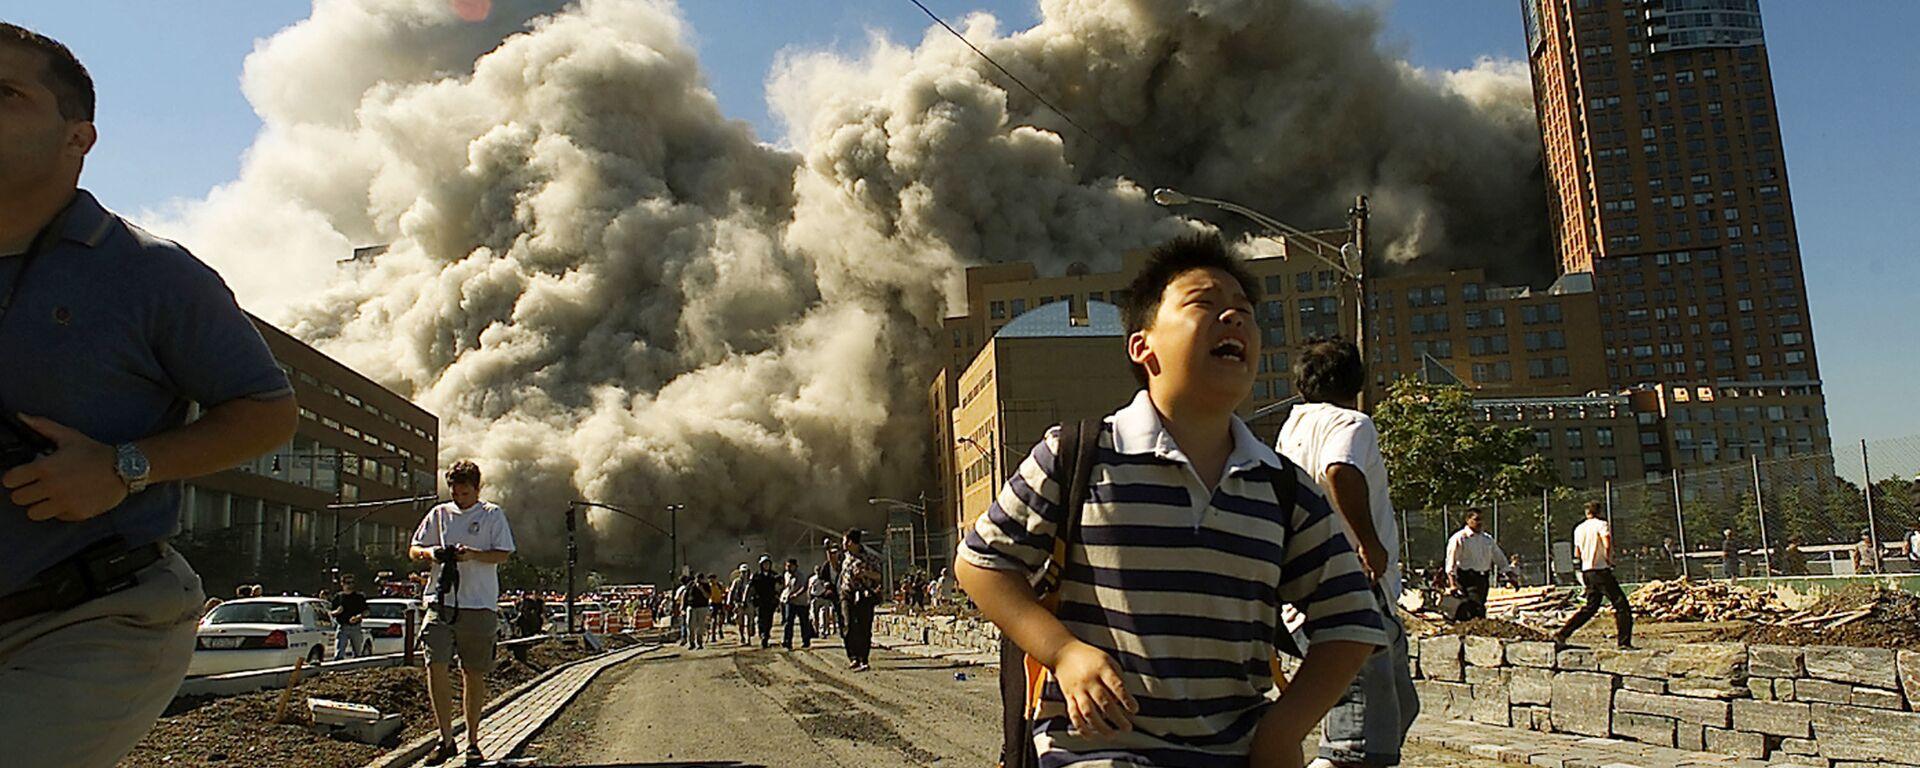 Люди бегут прочь от Всемирного торгового центра после того, как он подвергся атаке 11 сентября 2001 года - Sputnik Česká republika, 1920, 04.09.2021